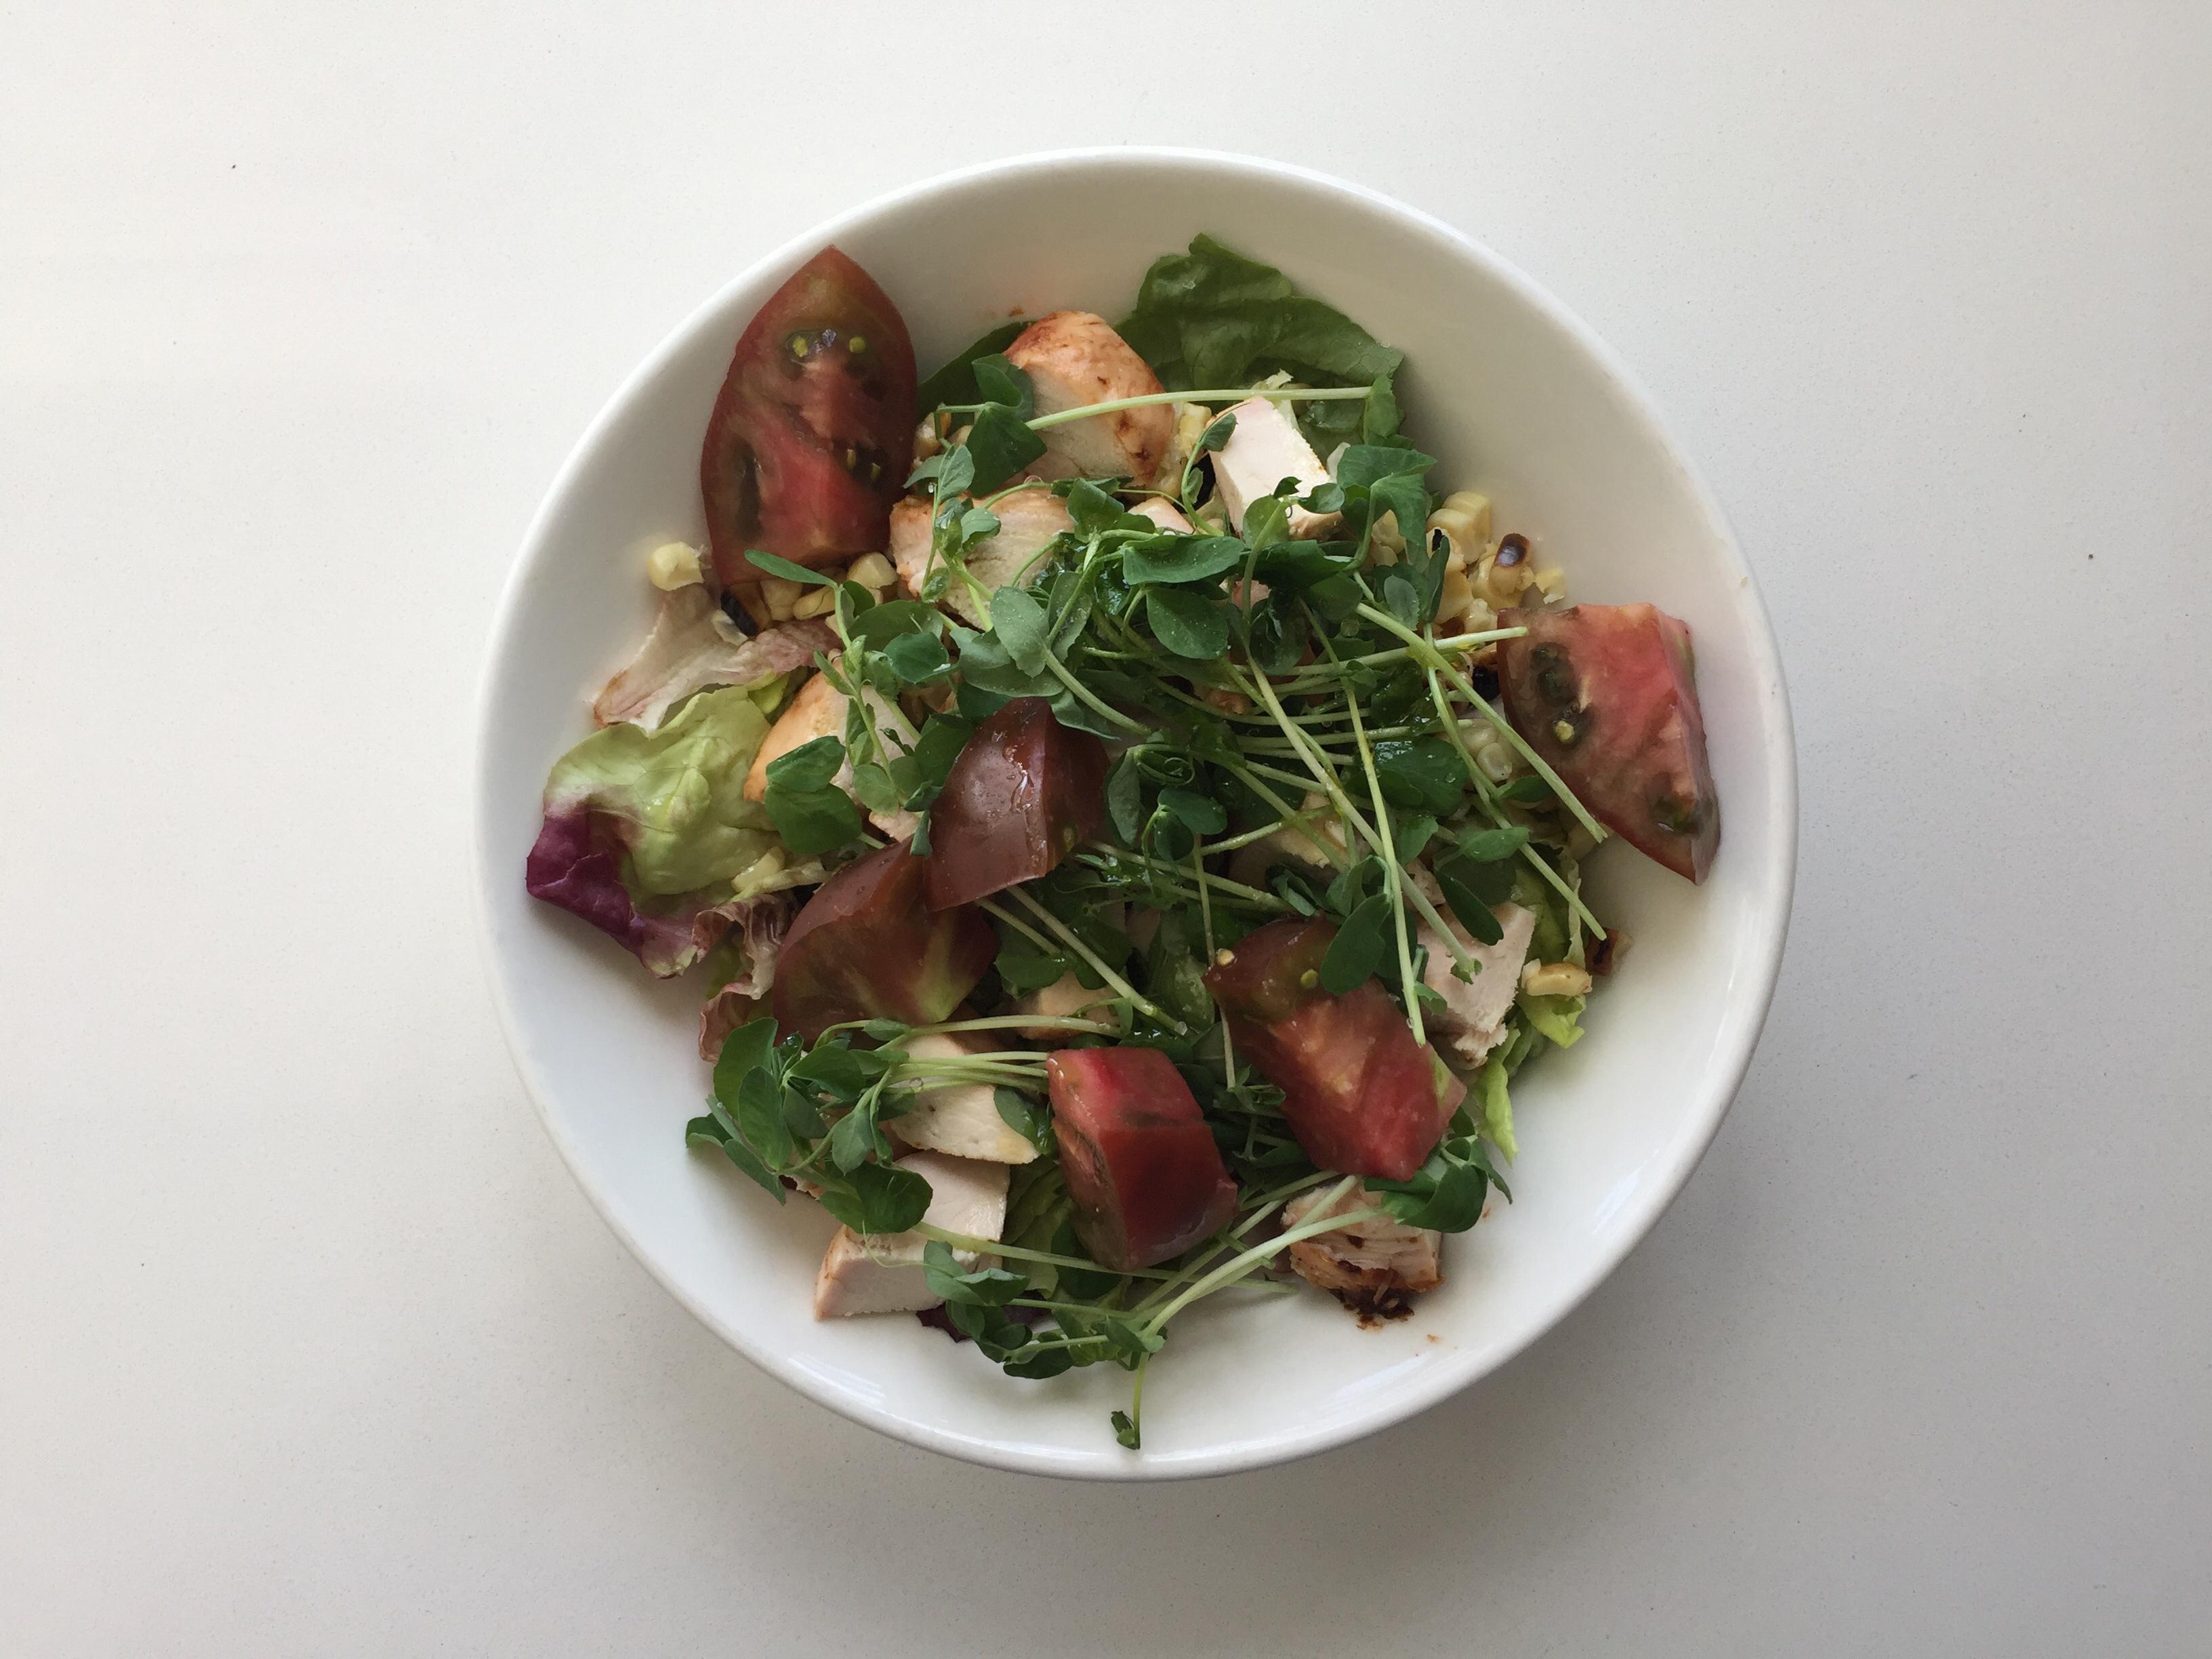 Chicken salad in a bowl.